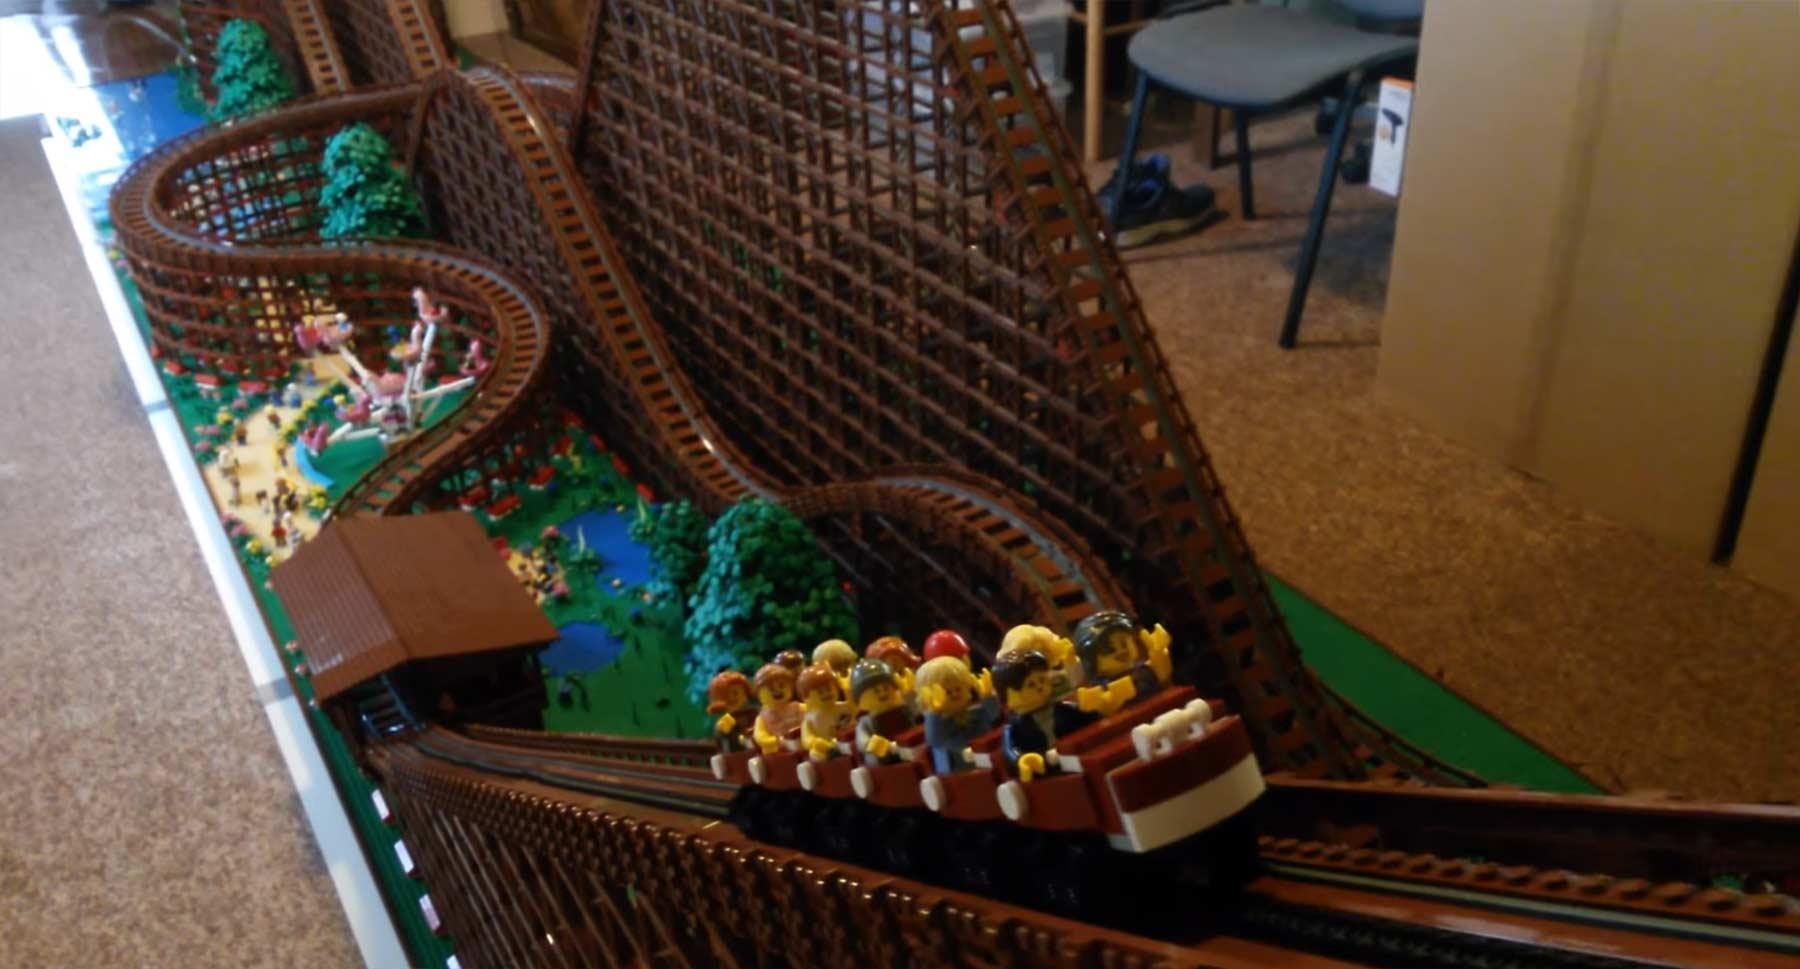 Holzachterbahn aus LEGO LEGO-Achterbahn